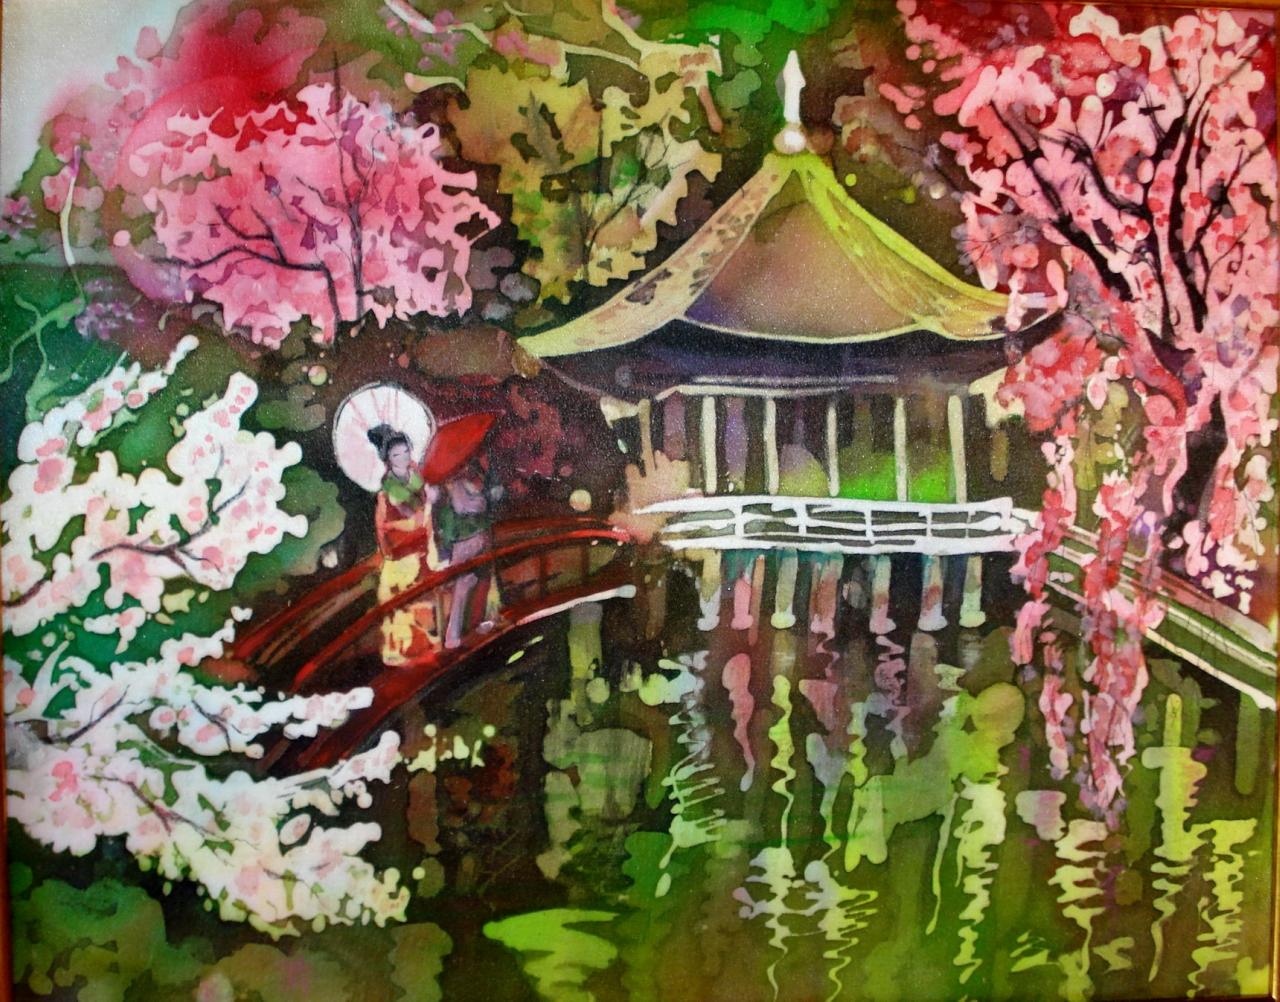 виктора батик япония картинки онлайн, зарабатывайте призовые